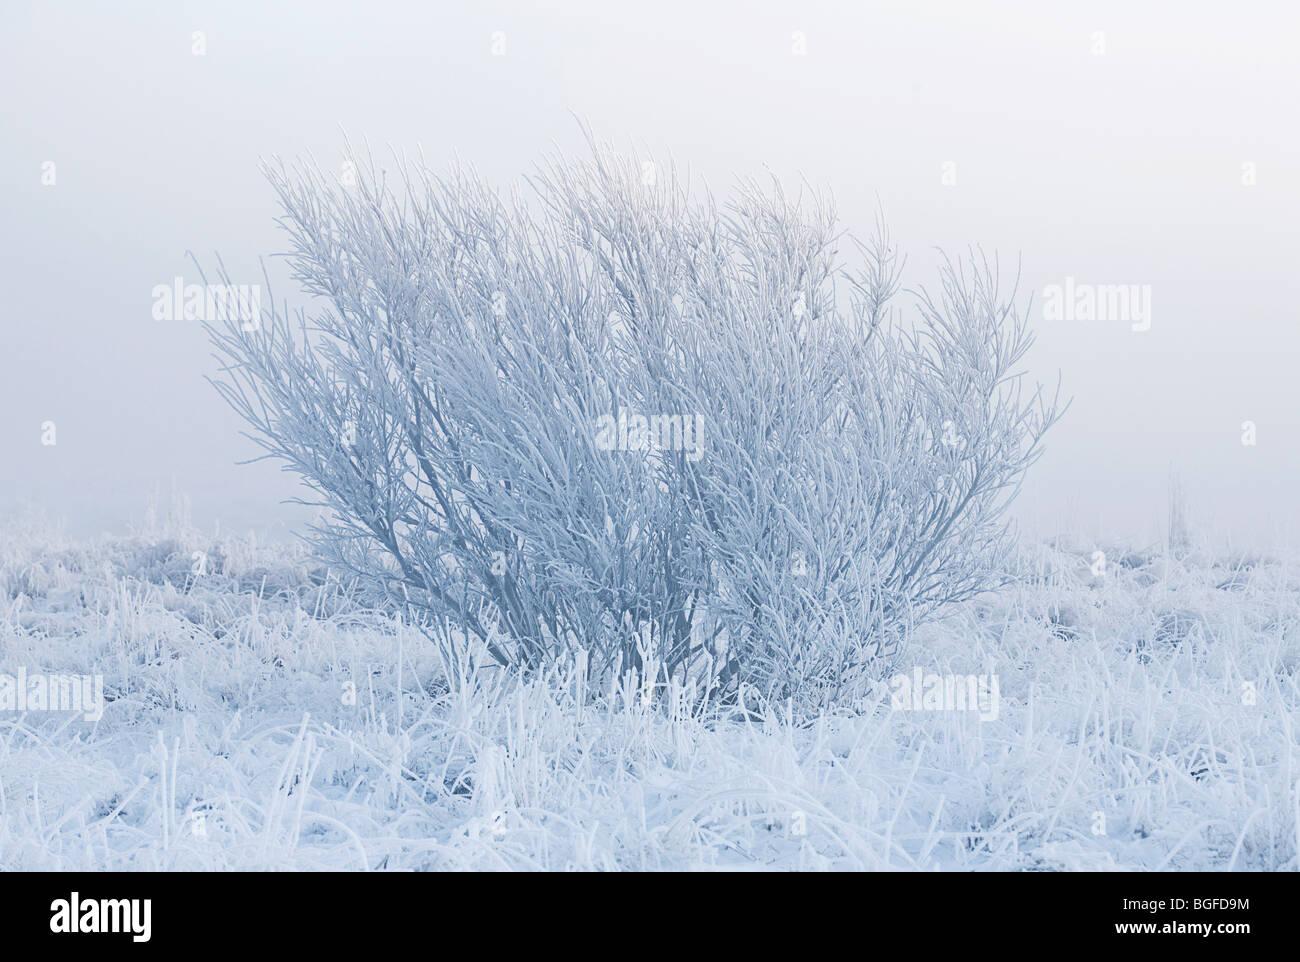 Albero solitario isolato dalla nebbia in un freddo inverno mattina Immagini Stock